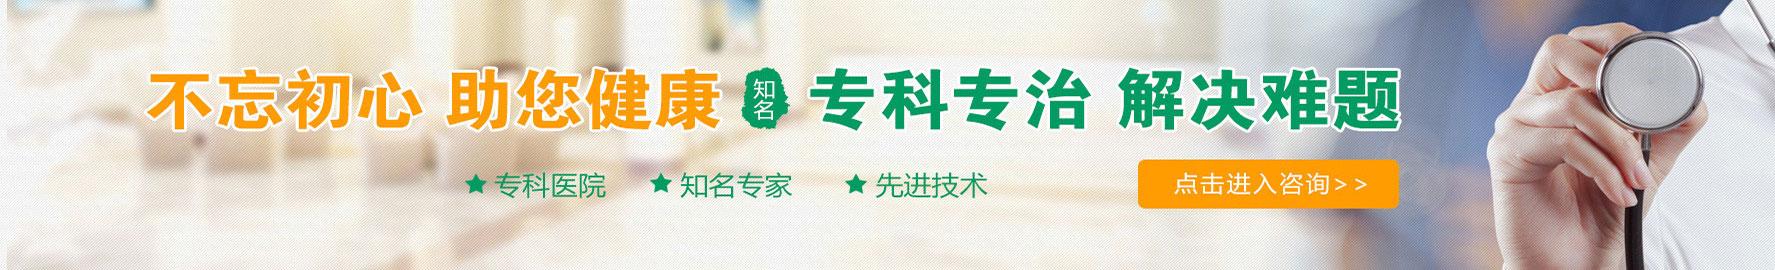 广州建国医院男科